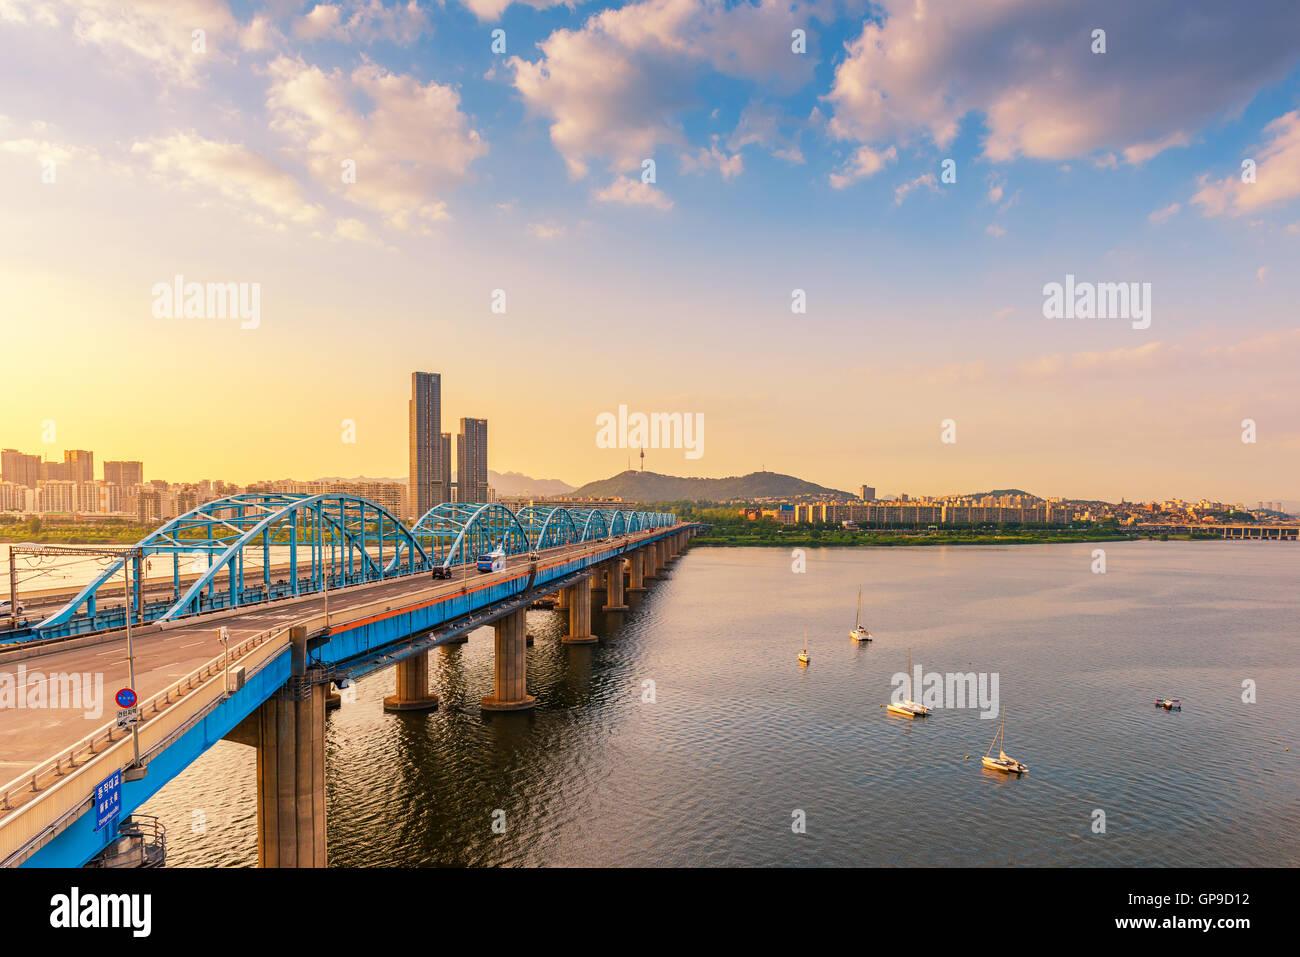 Sunset de Dongjak Bridge y del río Han en la ciudad de Seúl, Corea del Sur. Imagen De Stock